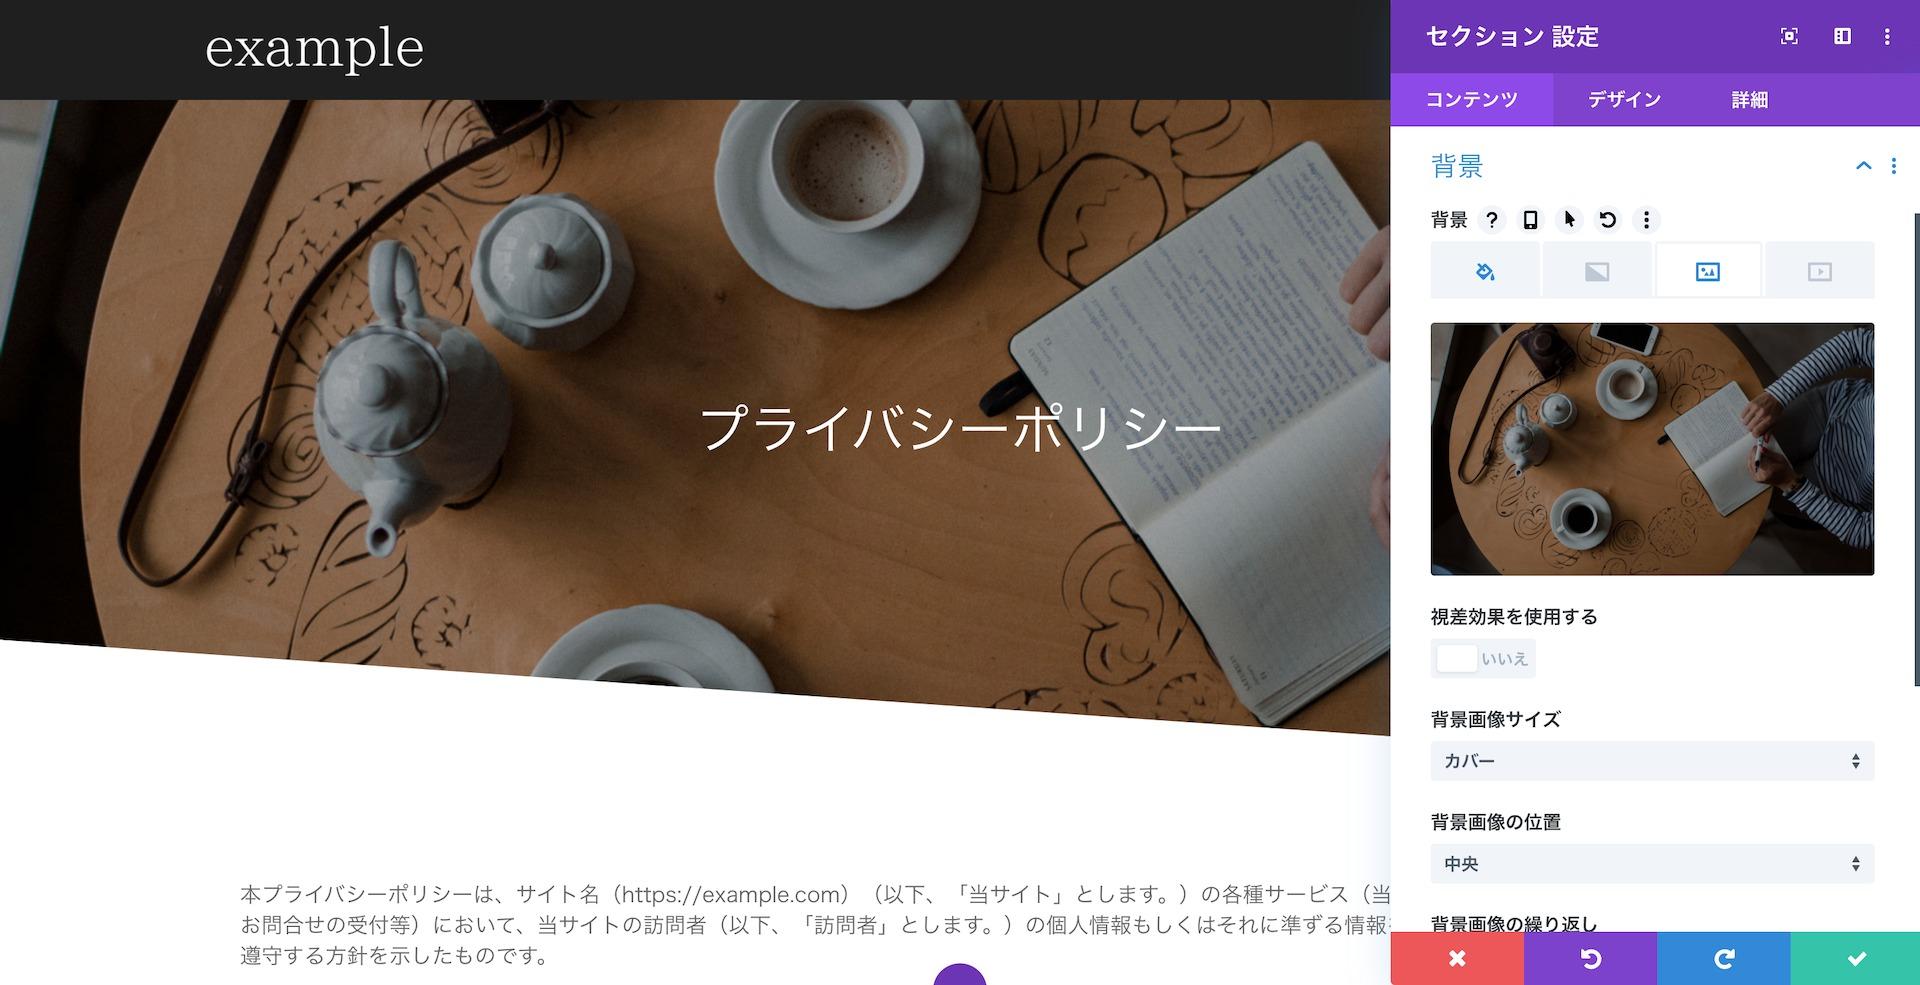 プライバシーポリシーページのトップの背景画像の設定